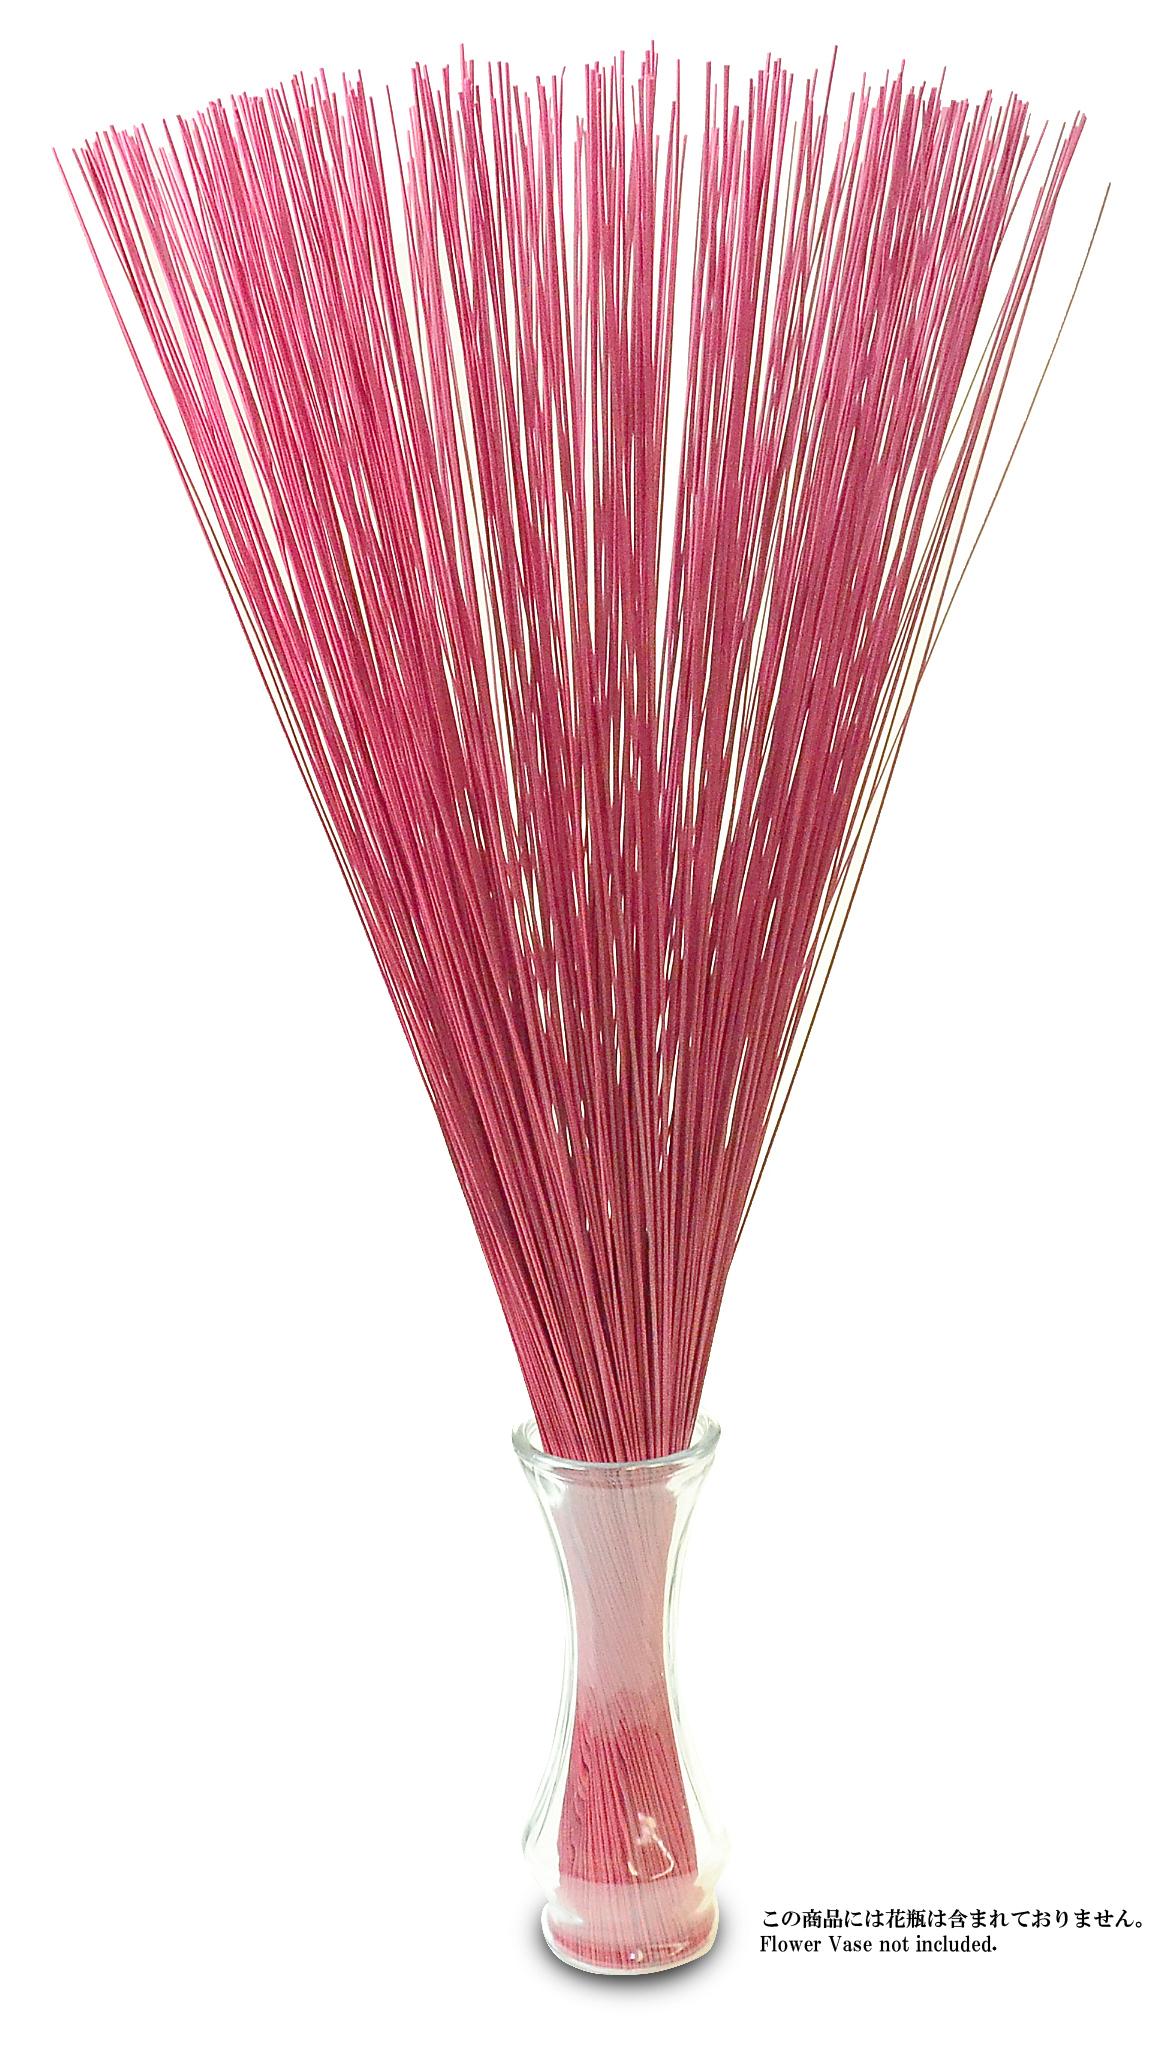 【イ草フラワー レッド】Rush Grass Flower RED 70cm